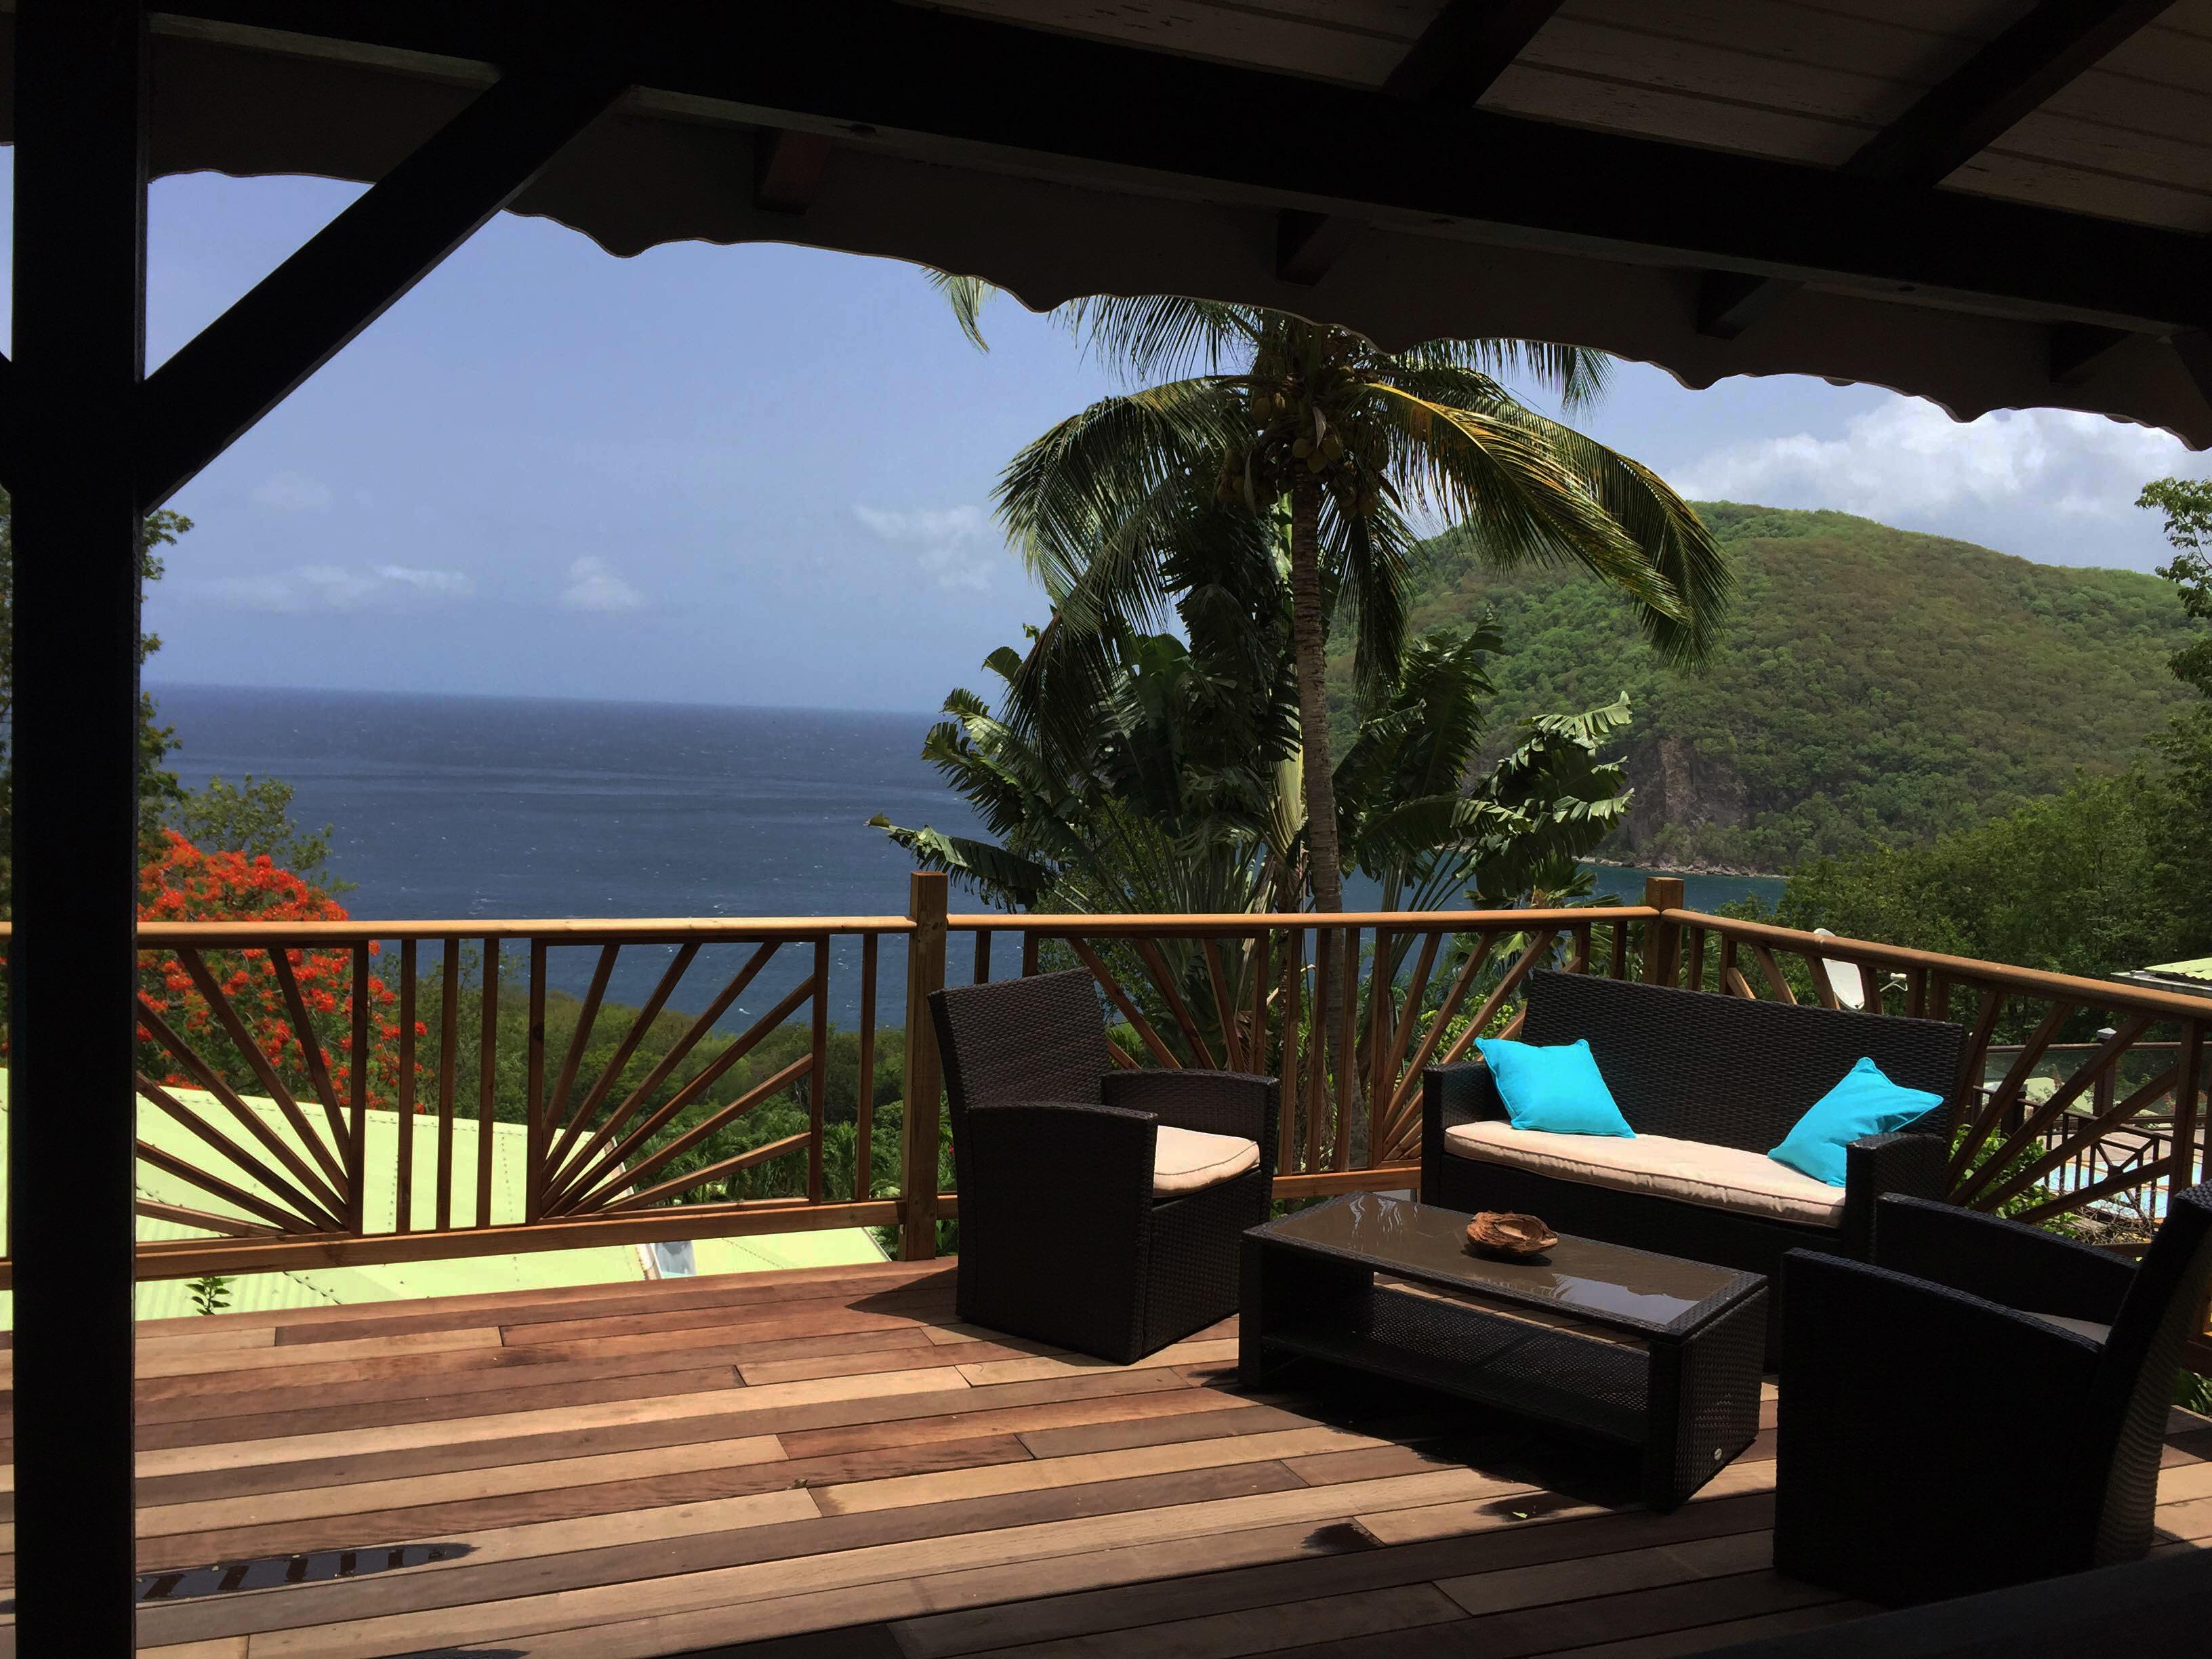 terrasse-vue-sur-mer-villa-palma-deshaies-guadeloupe